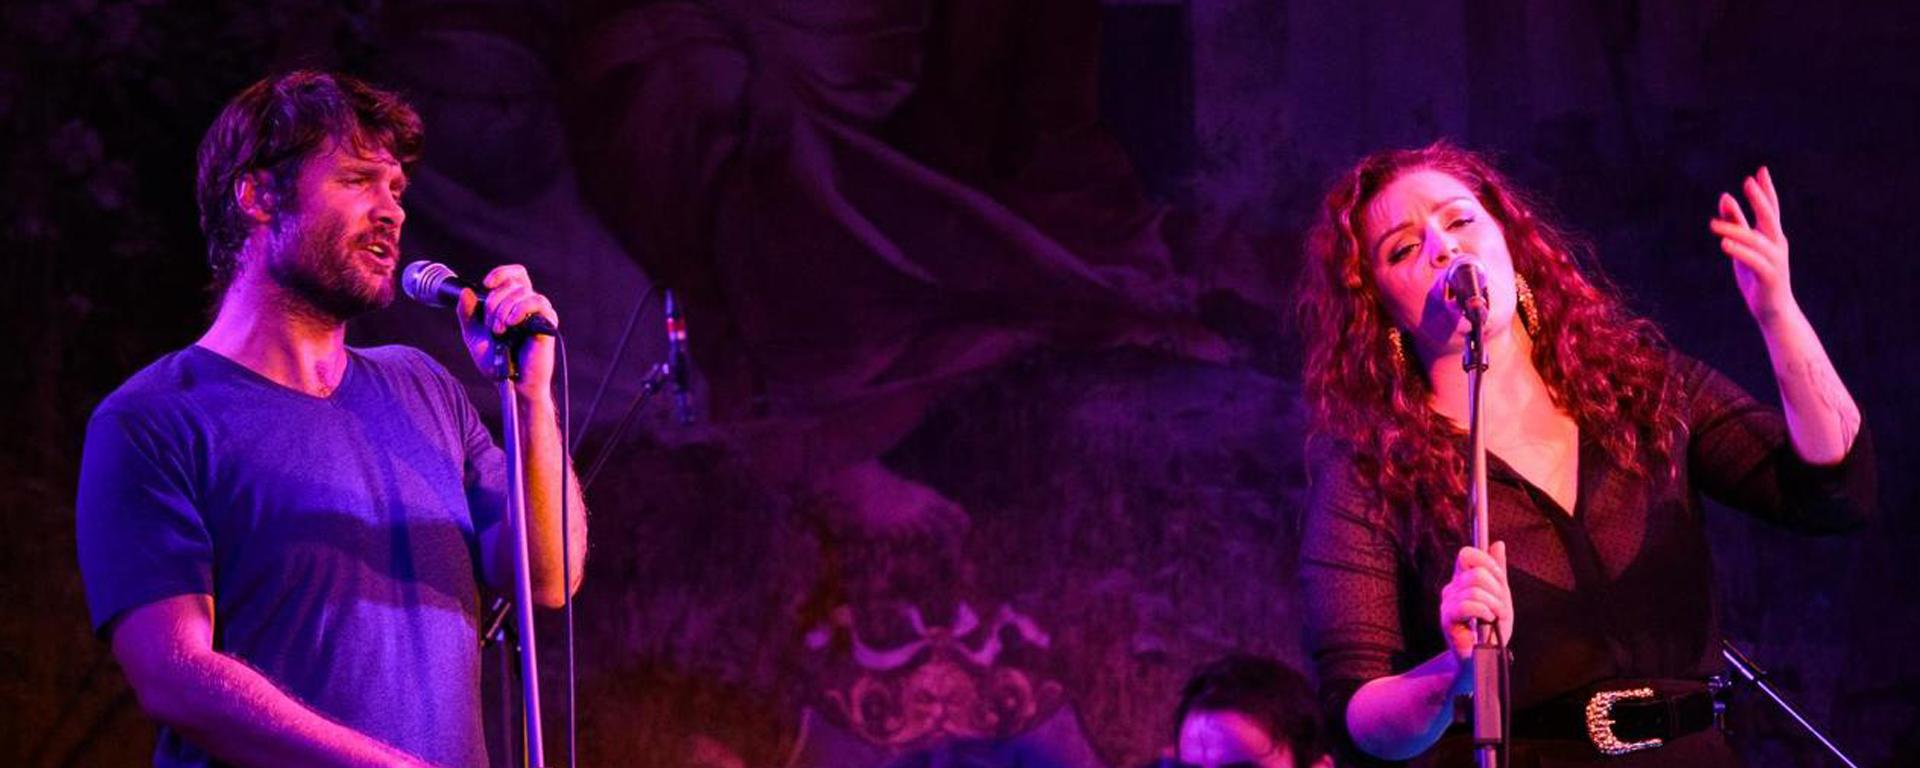 Milo Kráľ a Barbora Švidraňová spievajú o kráse zrelej ženy.